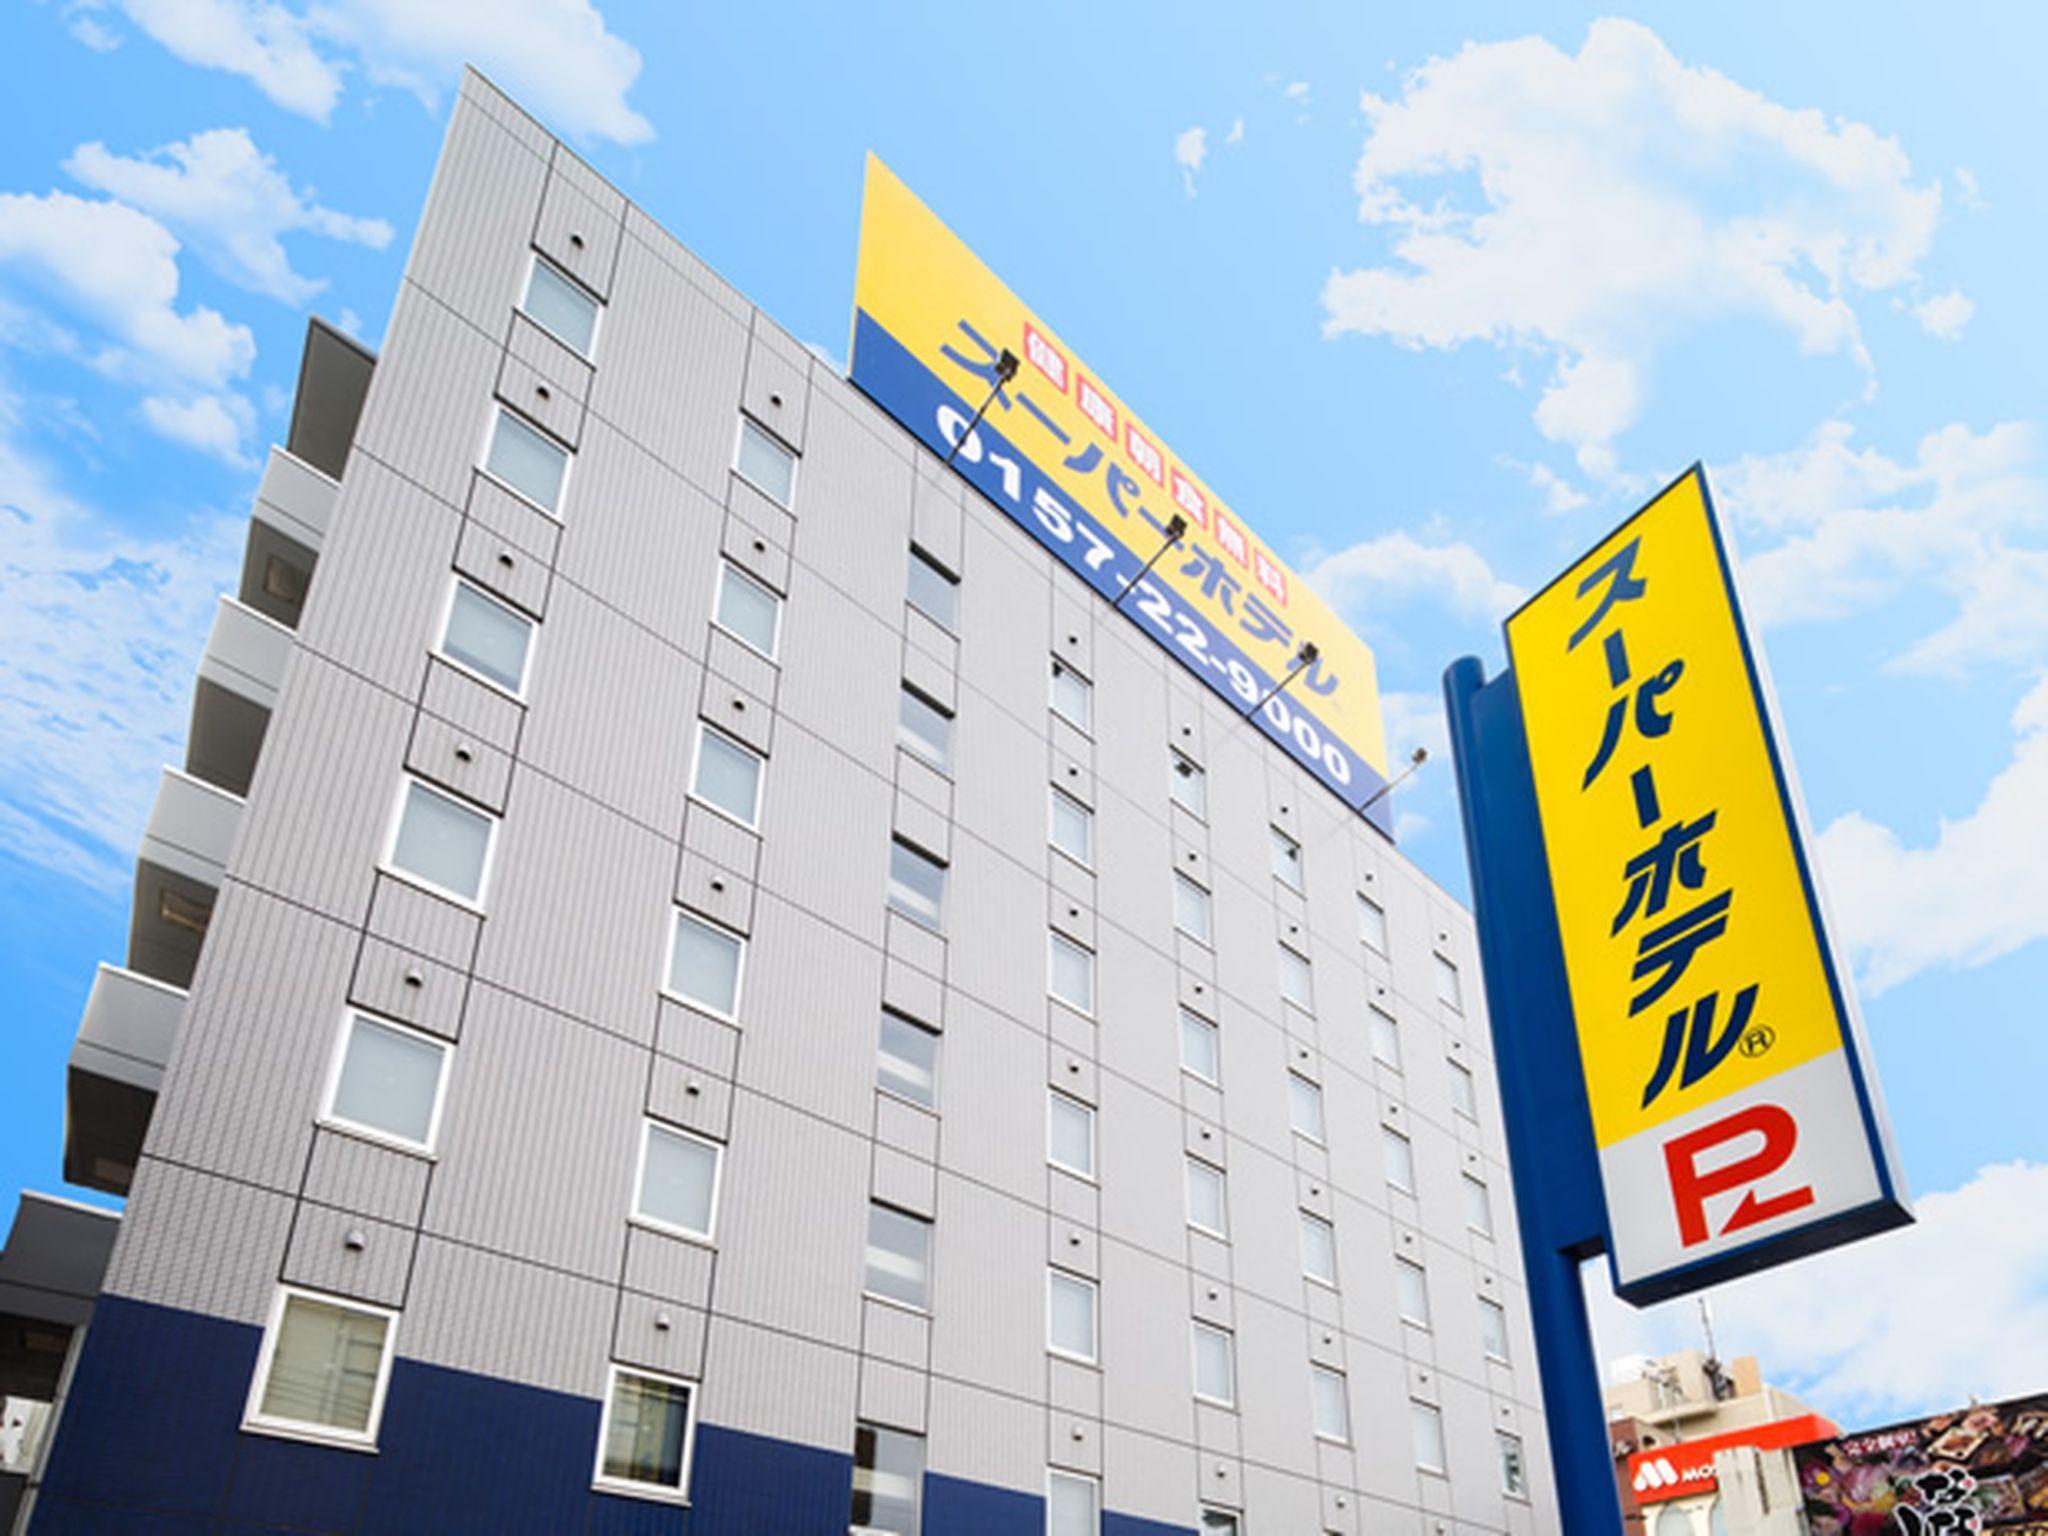 Super Hotel Kitami, Kitami